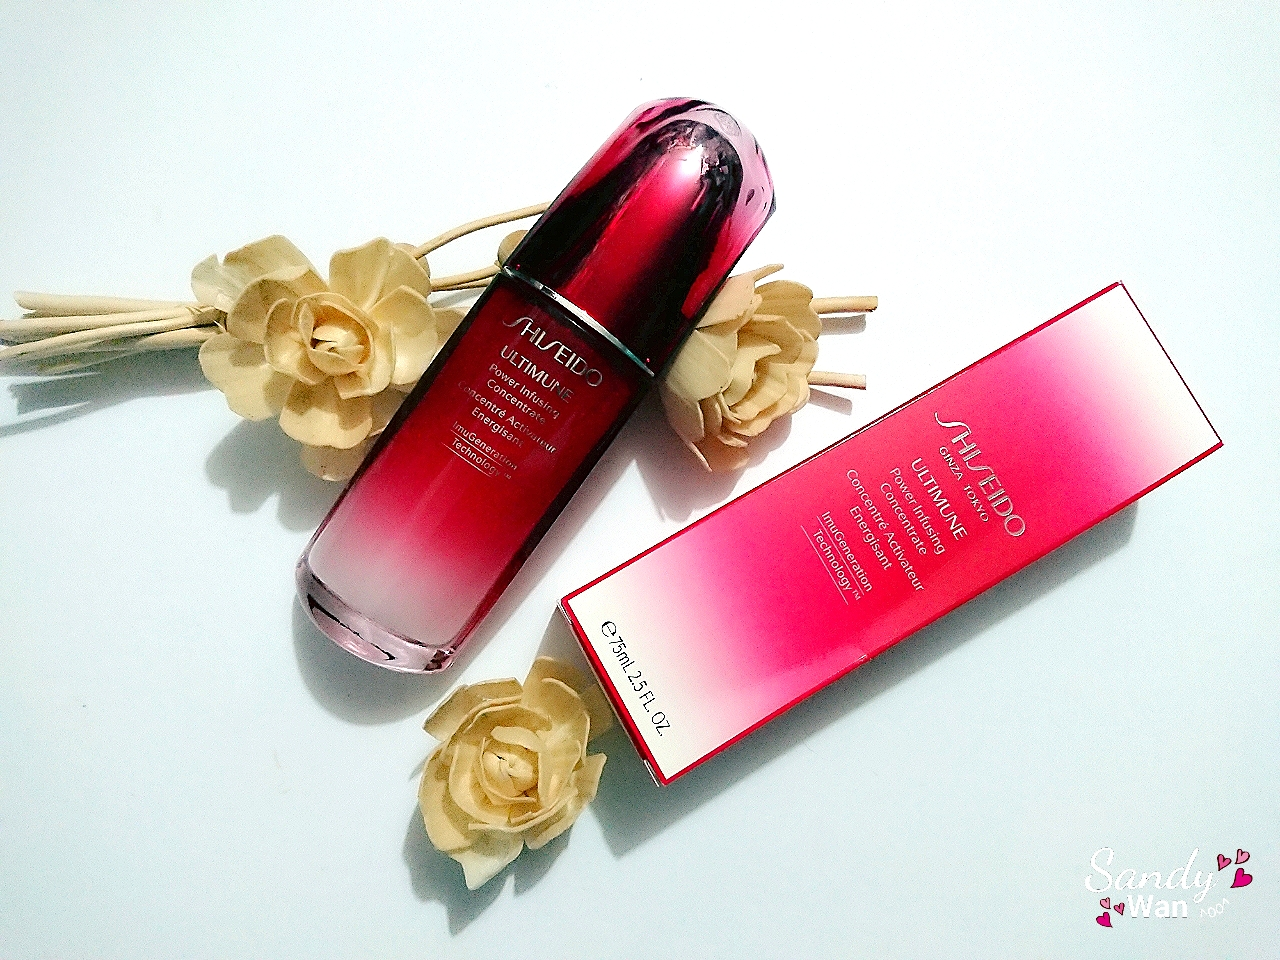 Beautylife HK - 好用到空瓶系列,把握免疫力提升關鍵72小時【SHISEIDO